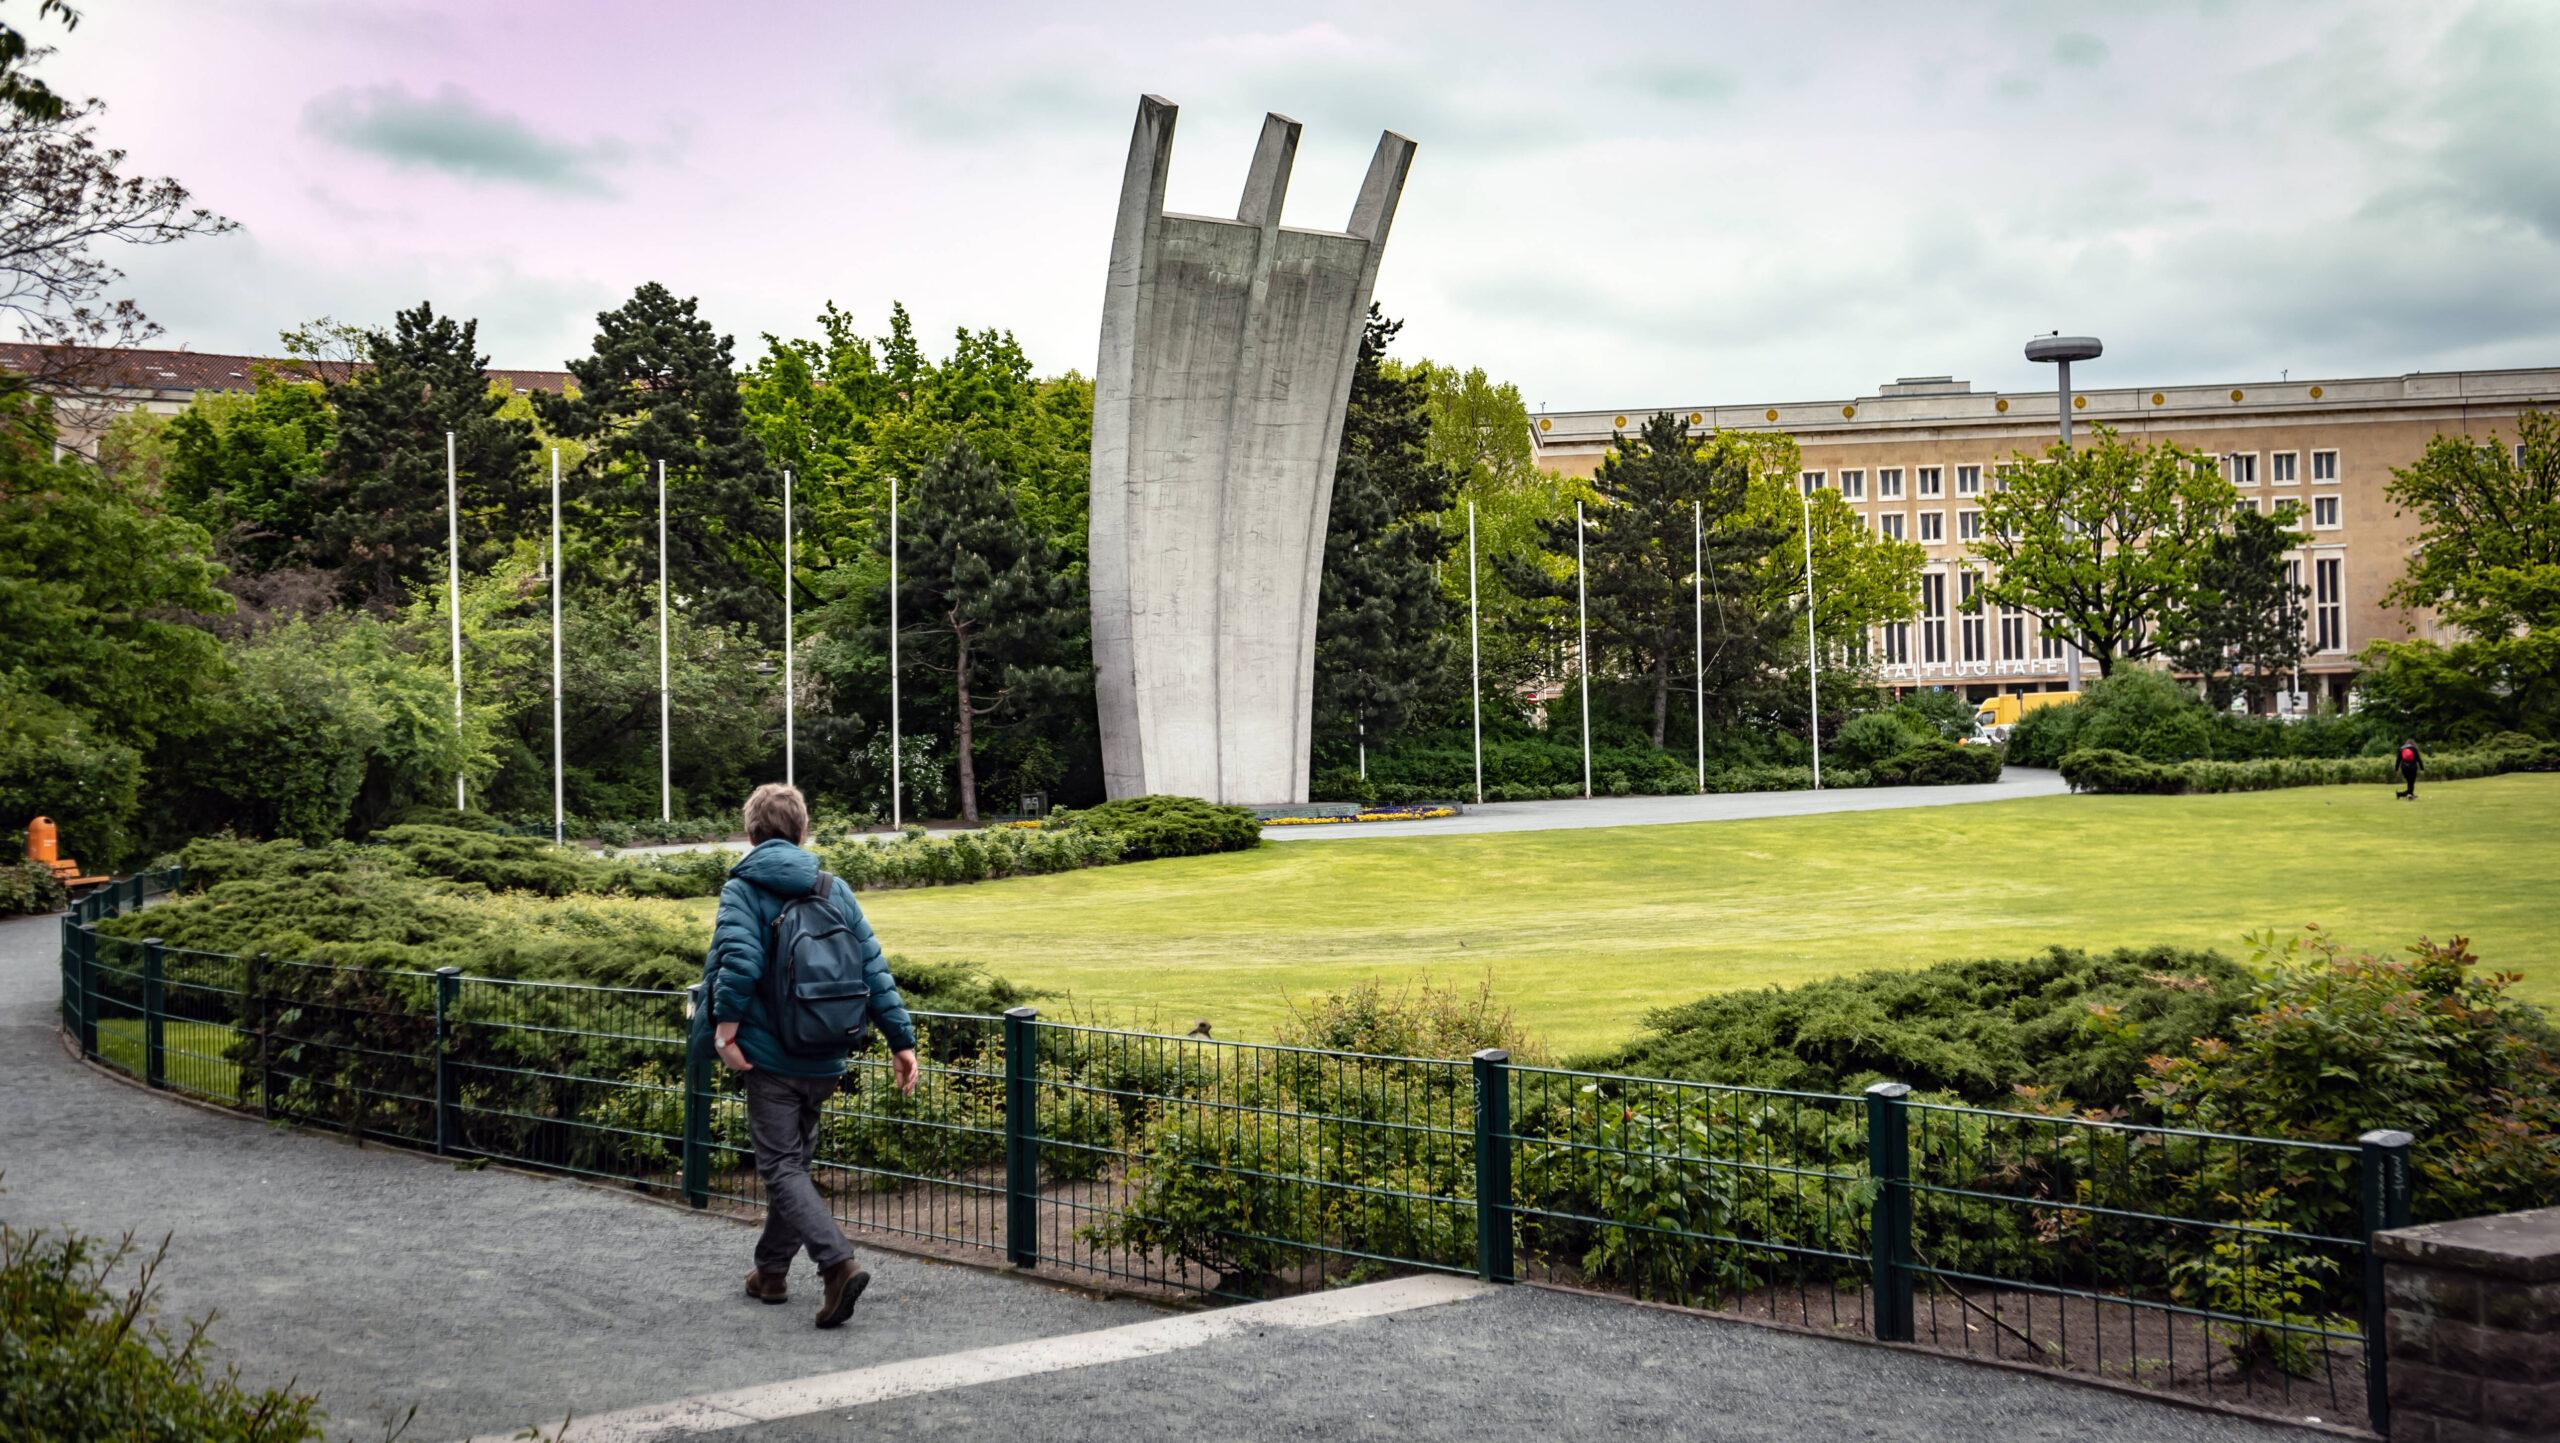 Berlin-Tempelhof: Der Platz der Luftbrücke wird grüner